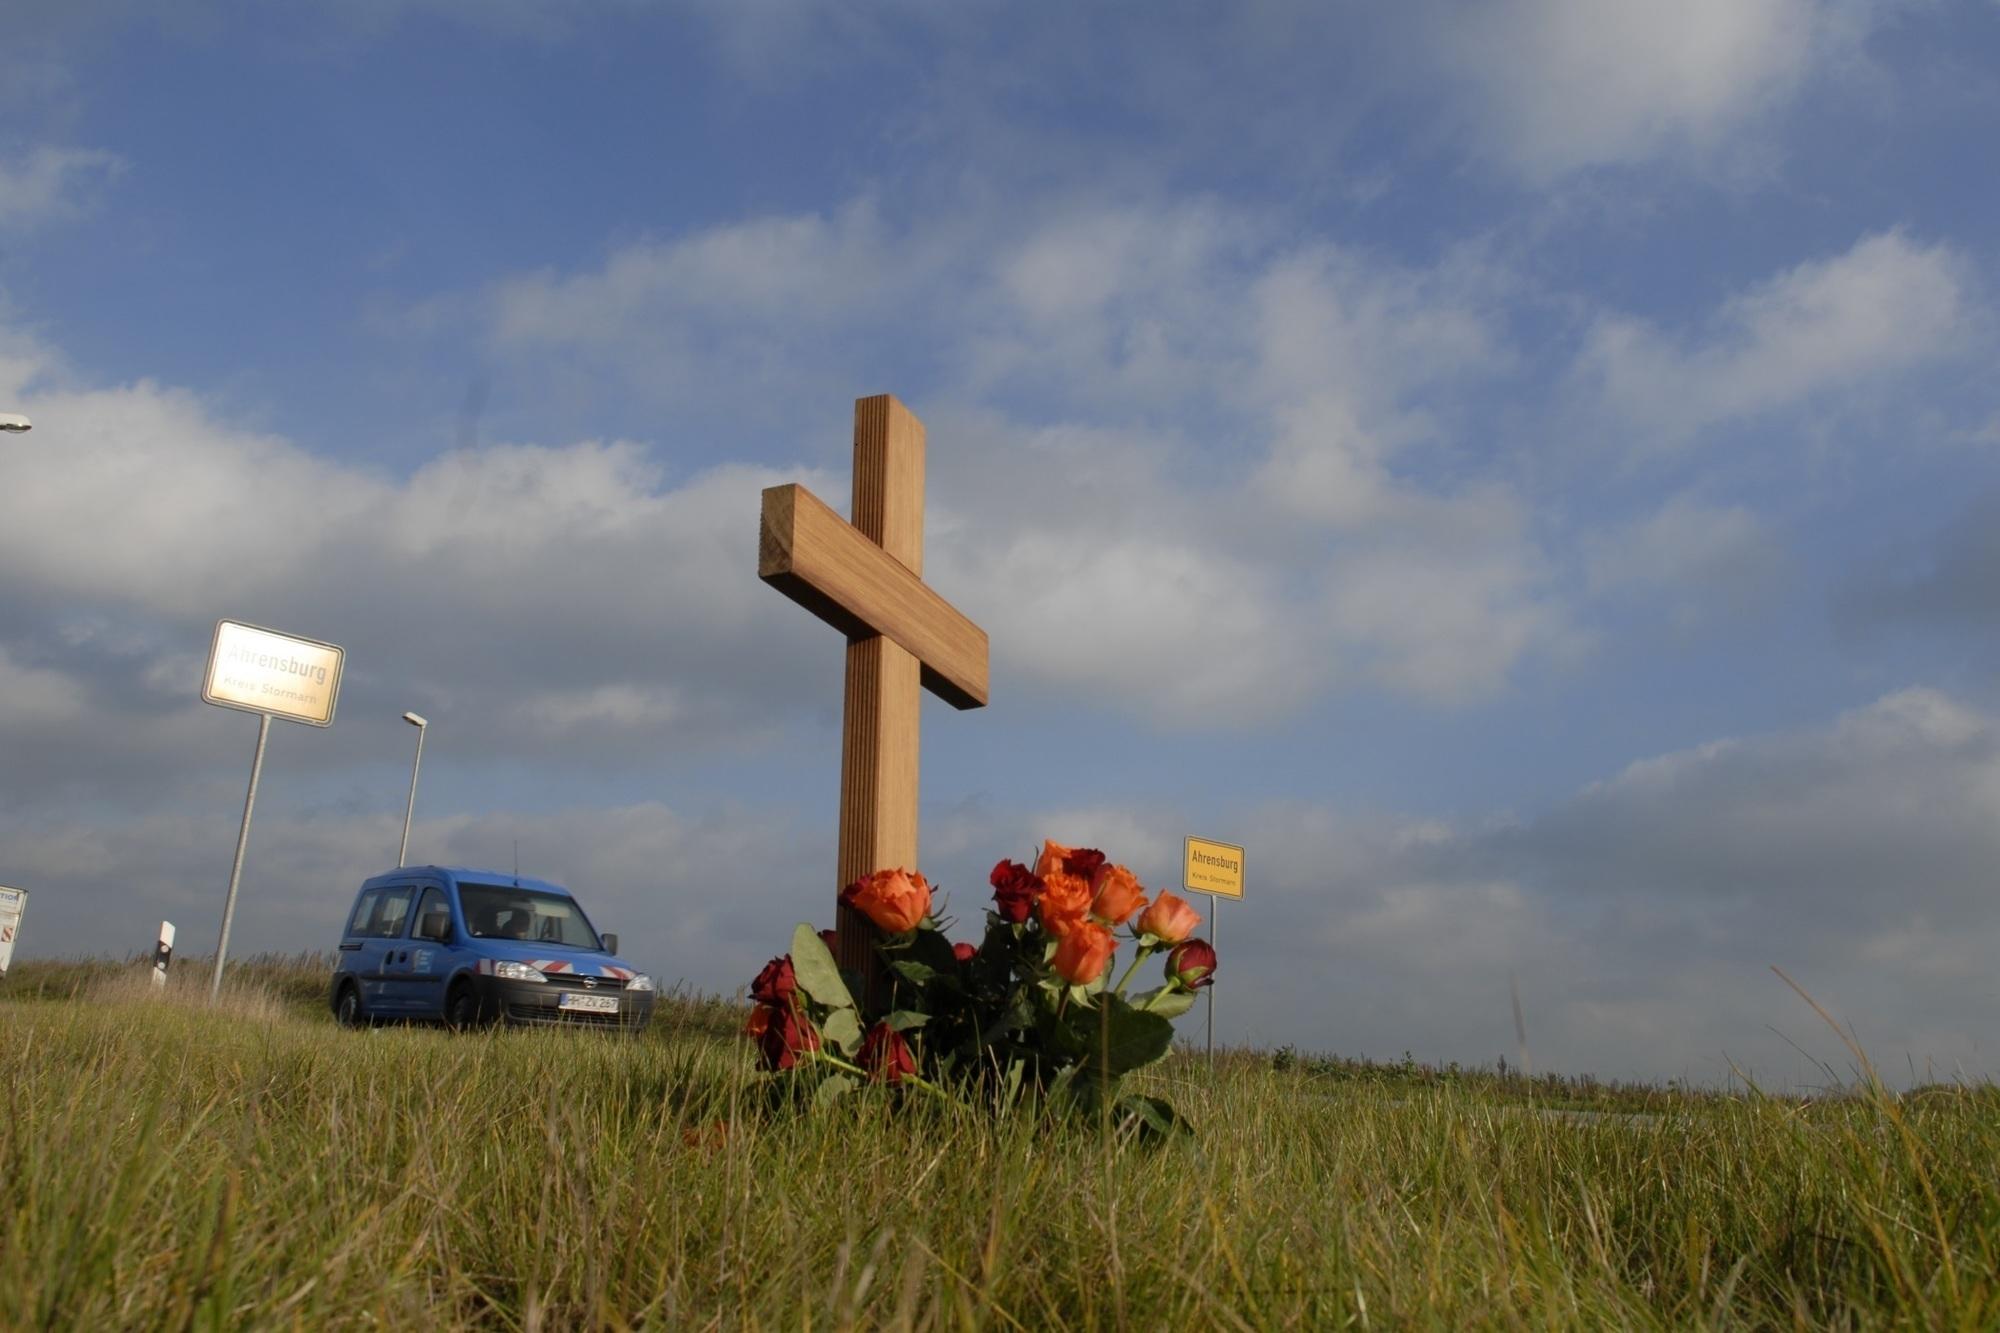 Unfallstatistik - Mehr Tote und Verletzte nach neun Monaten